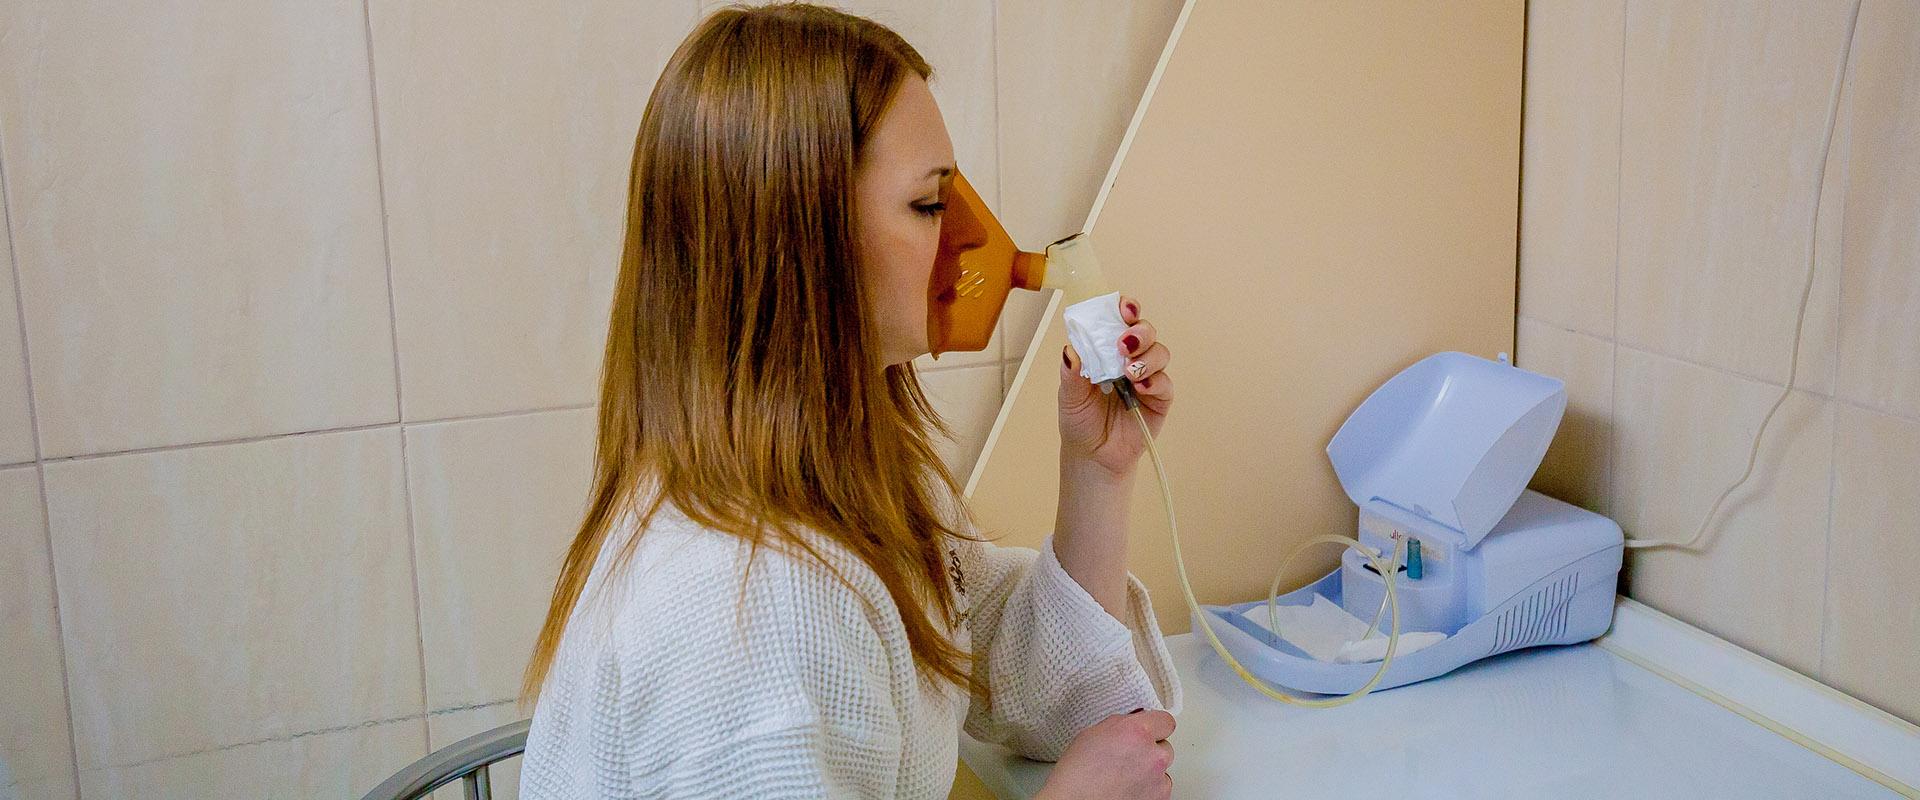 Programy medycznespa-hotel Respect